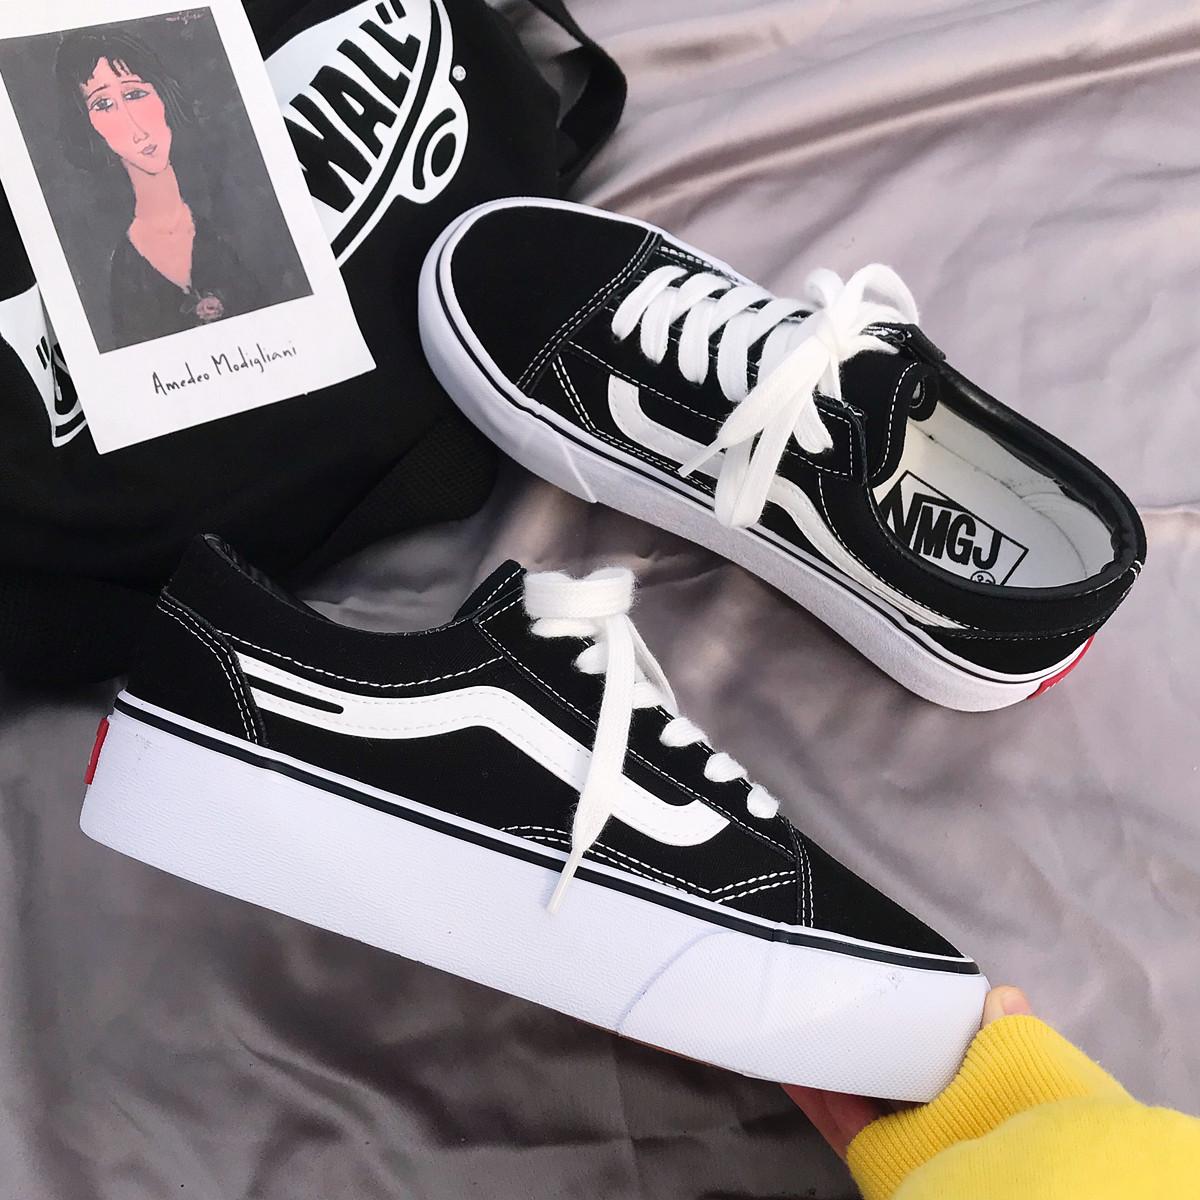 韩版松糕鞋 ins潮鞋经典黑色厚底增高帆布鞋女2020新款学生韩版百搭松糕板鞋_推荐淘宝好看的女韩版松糕鞋